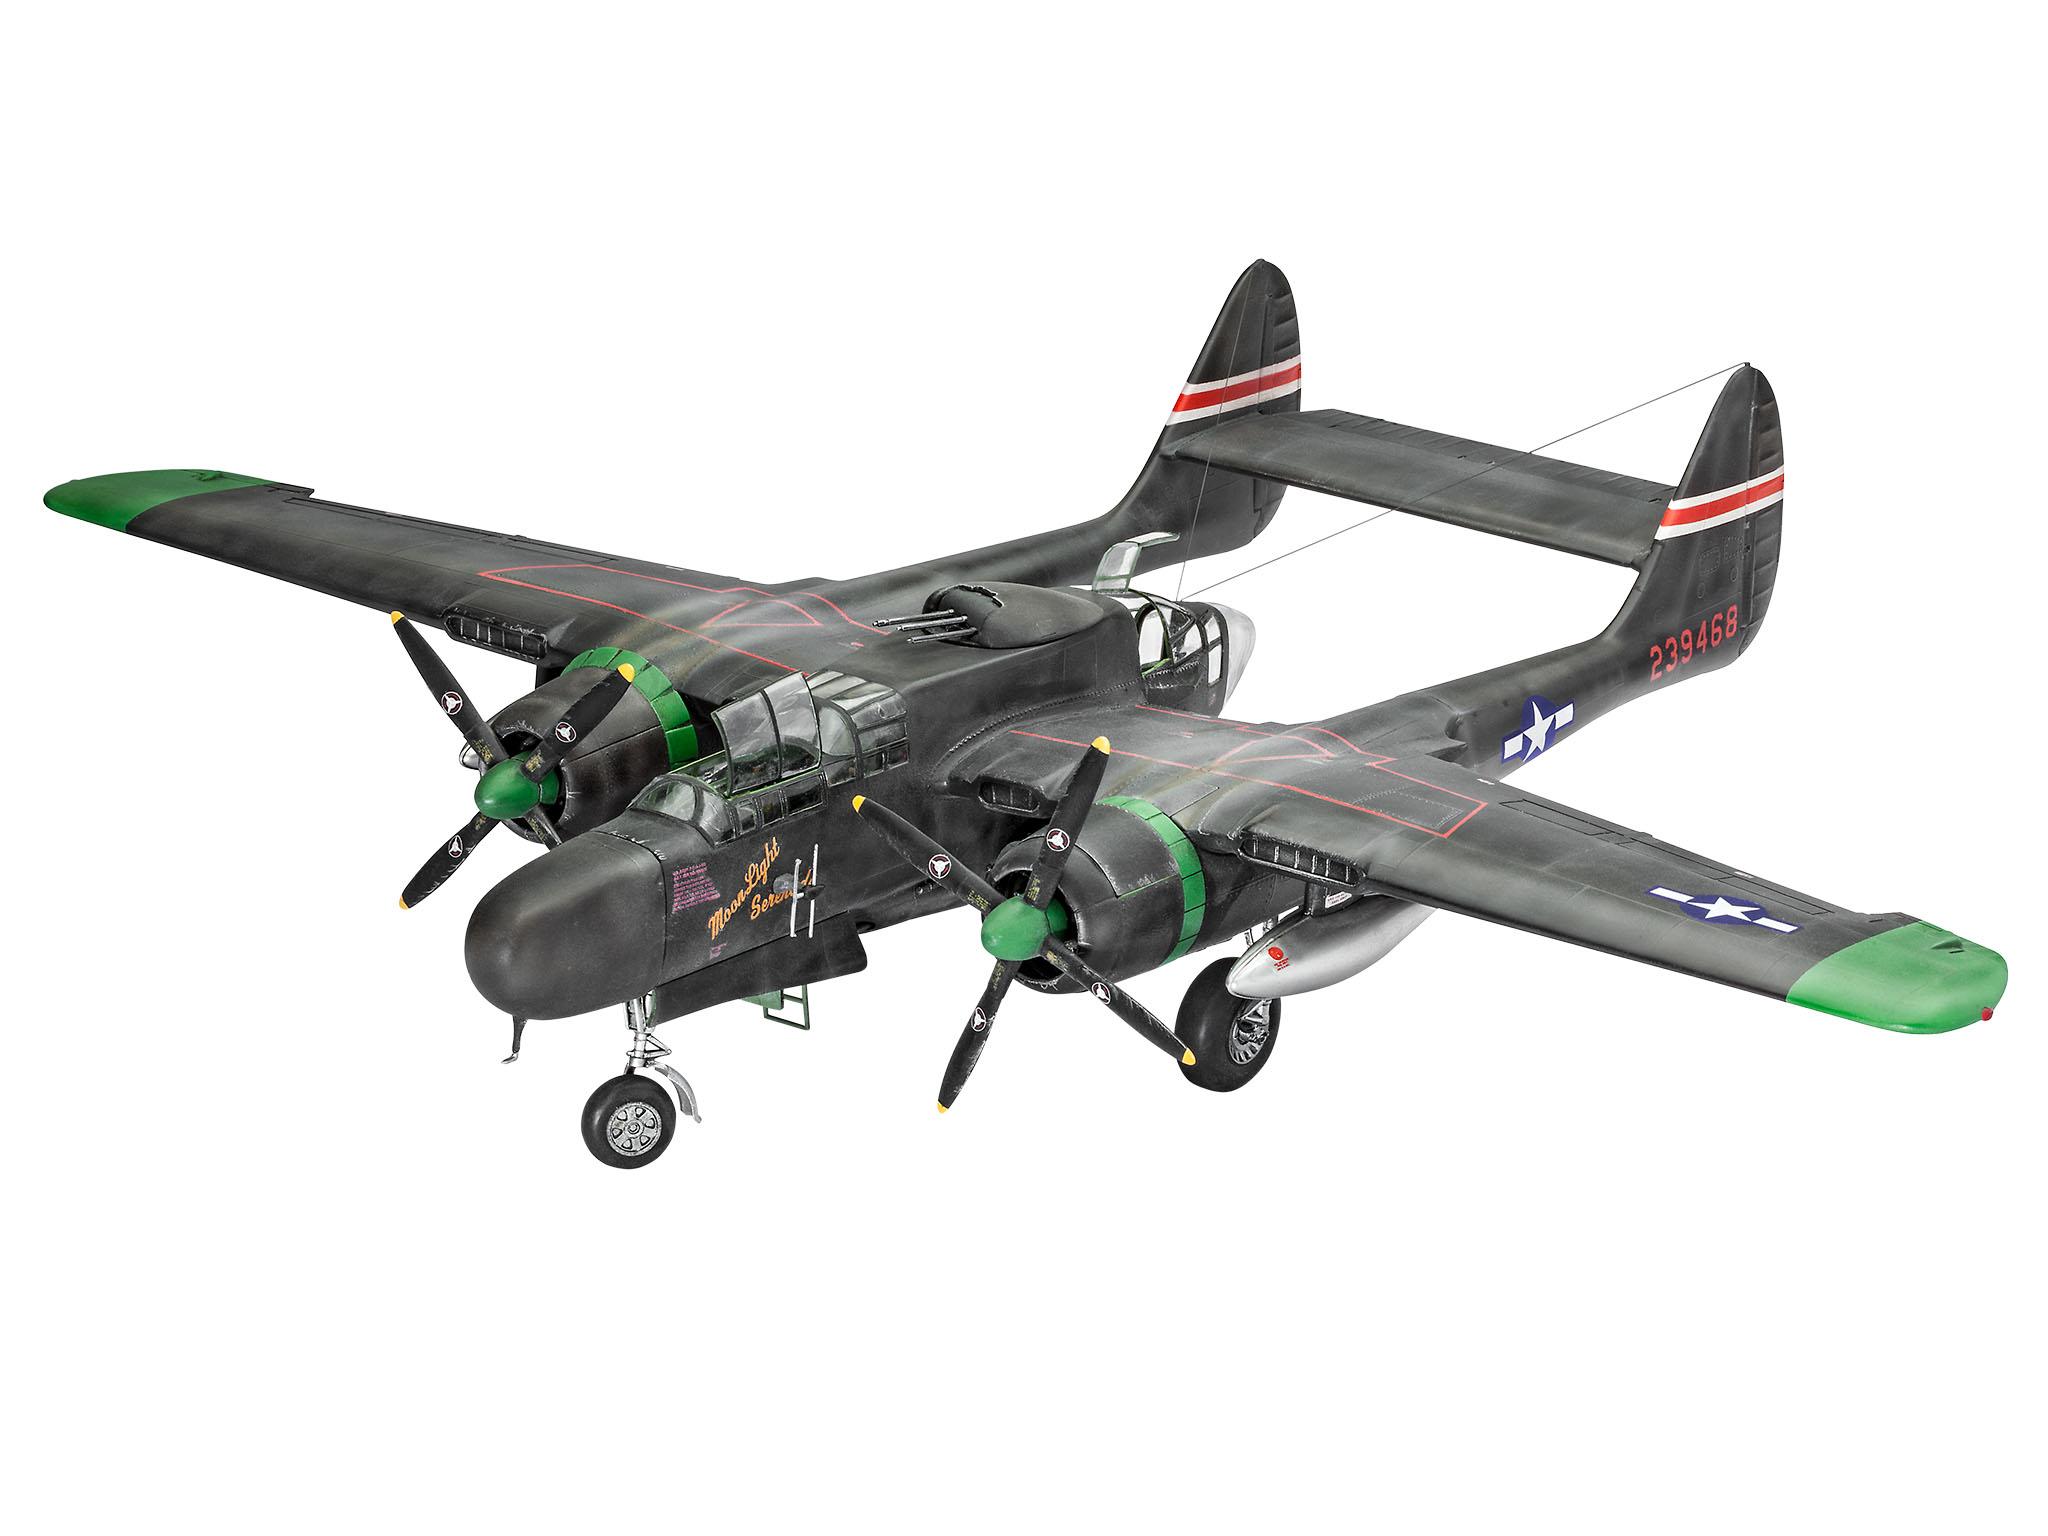 Northrop p 61a b black widow revell shop